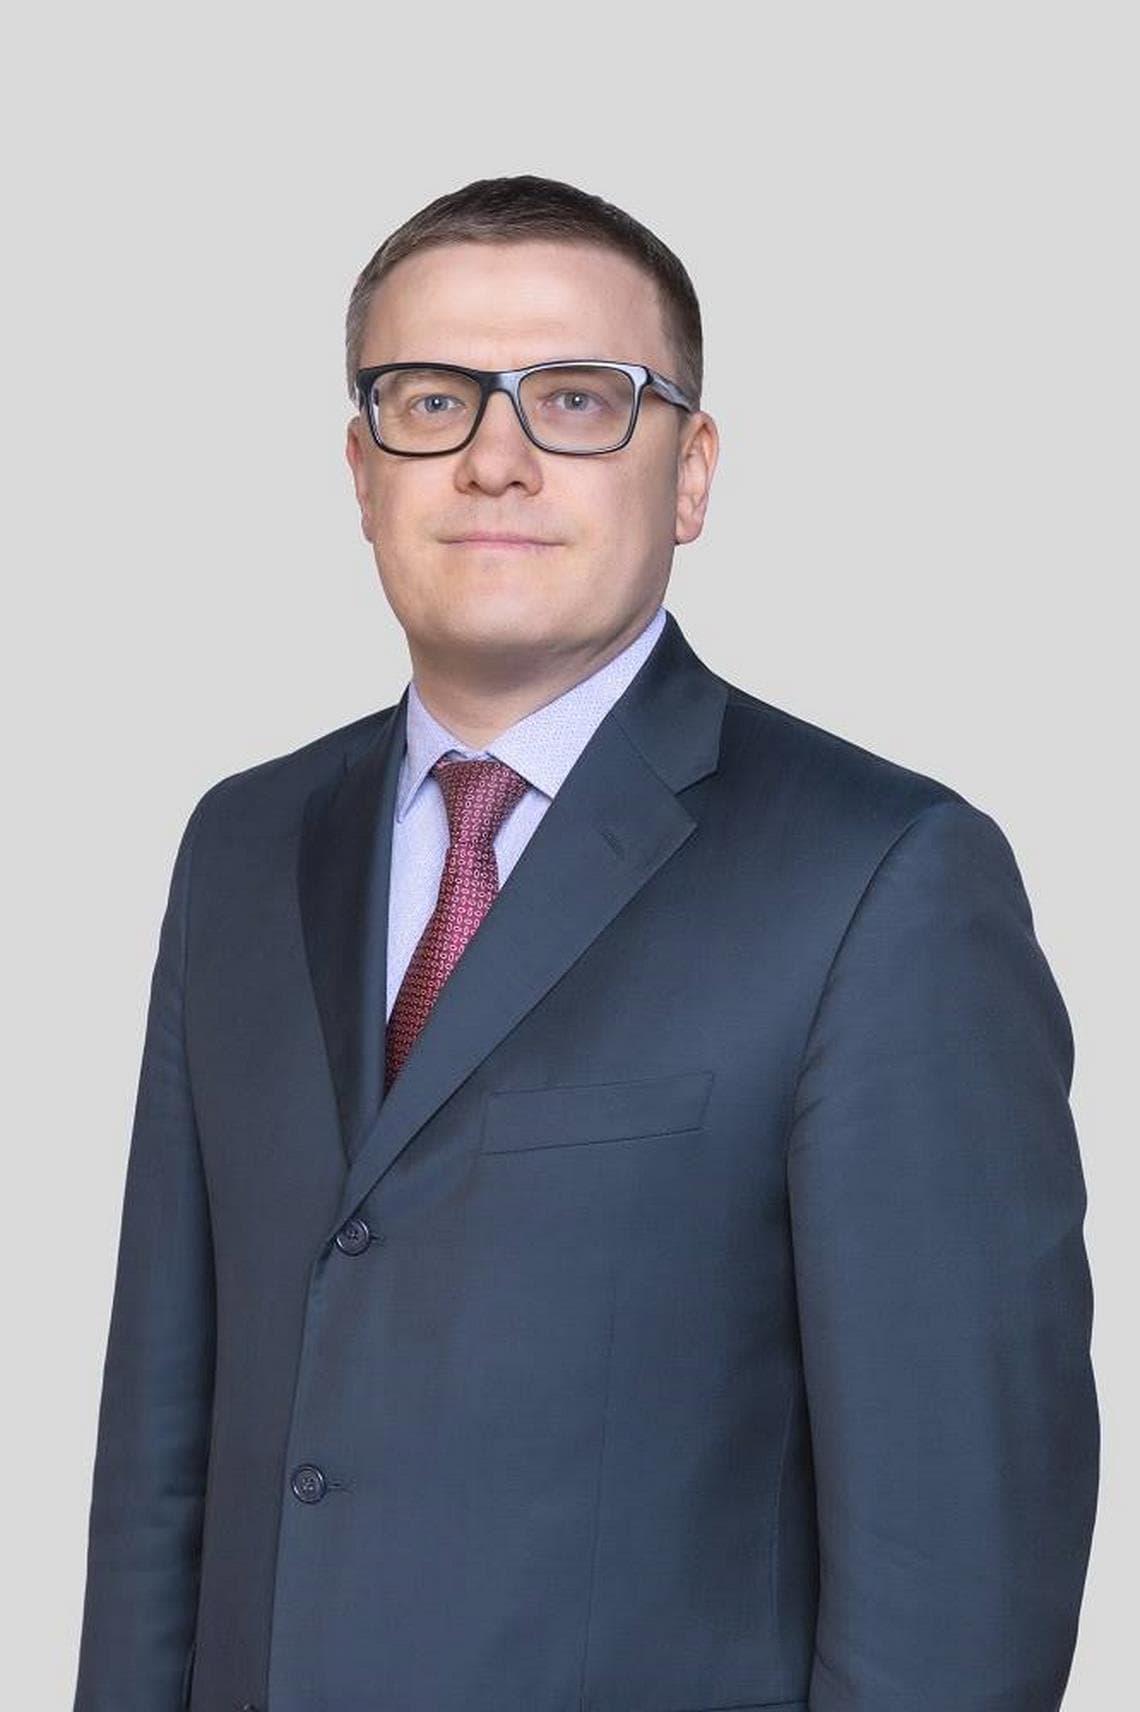 Сам из Челябинска. Врио губернатора назначен первый замминистра энергетики РФ